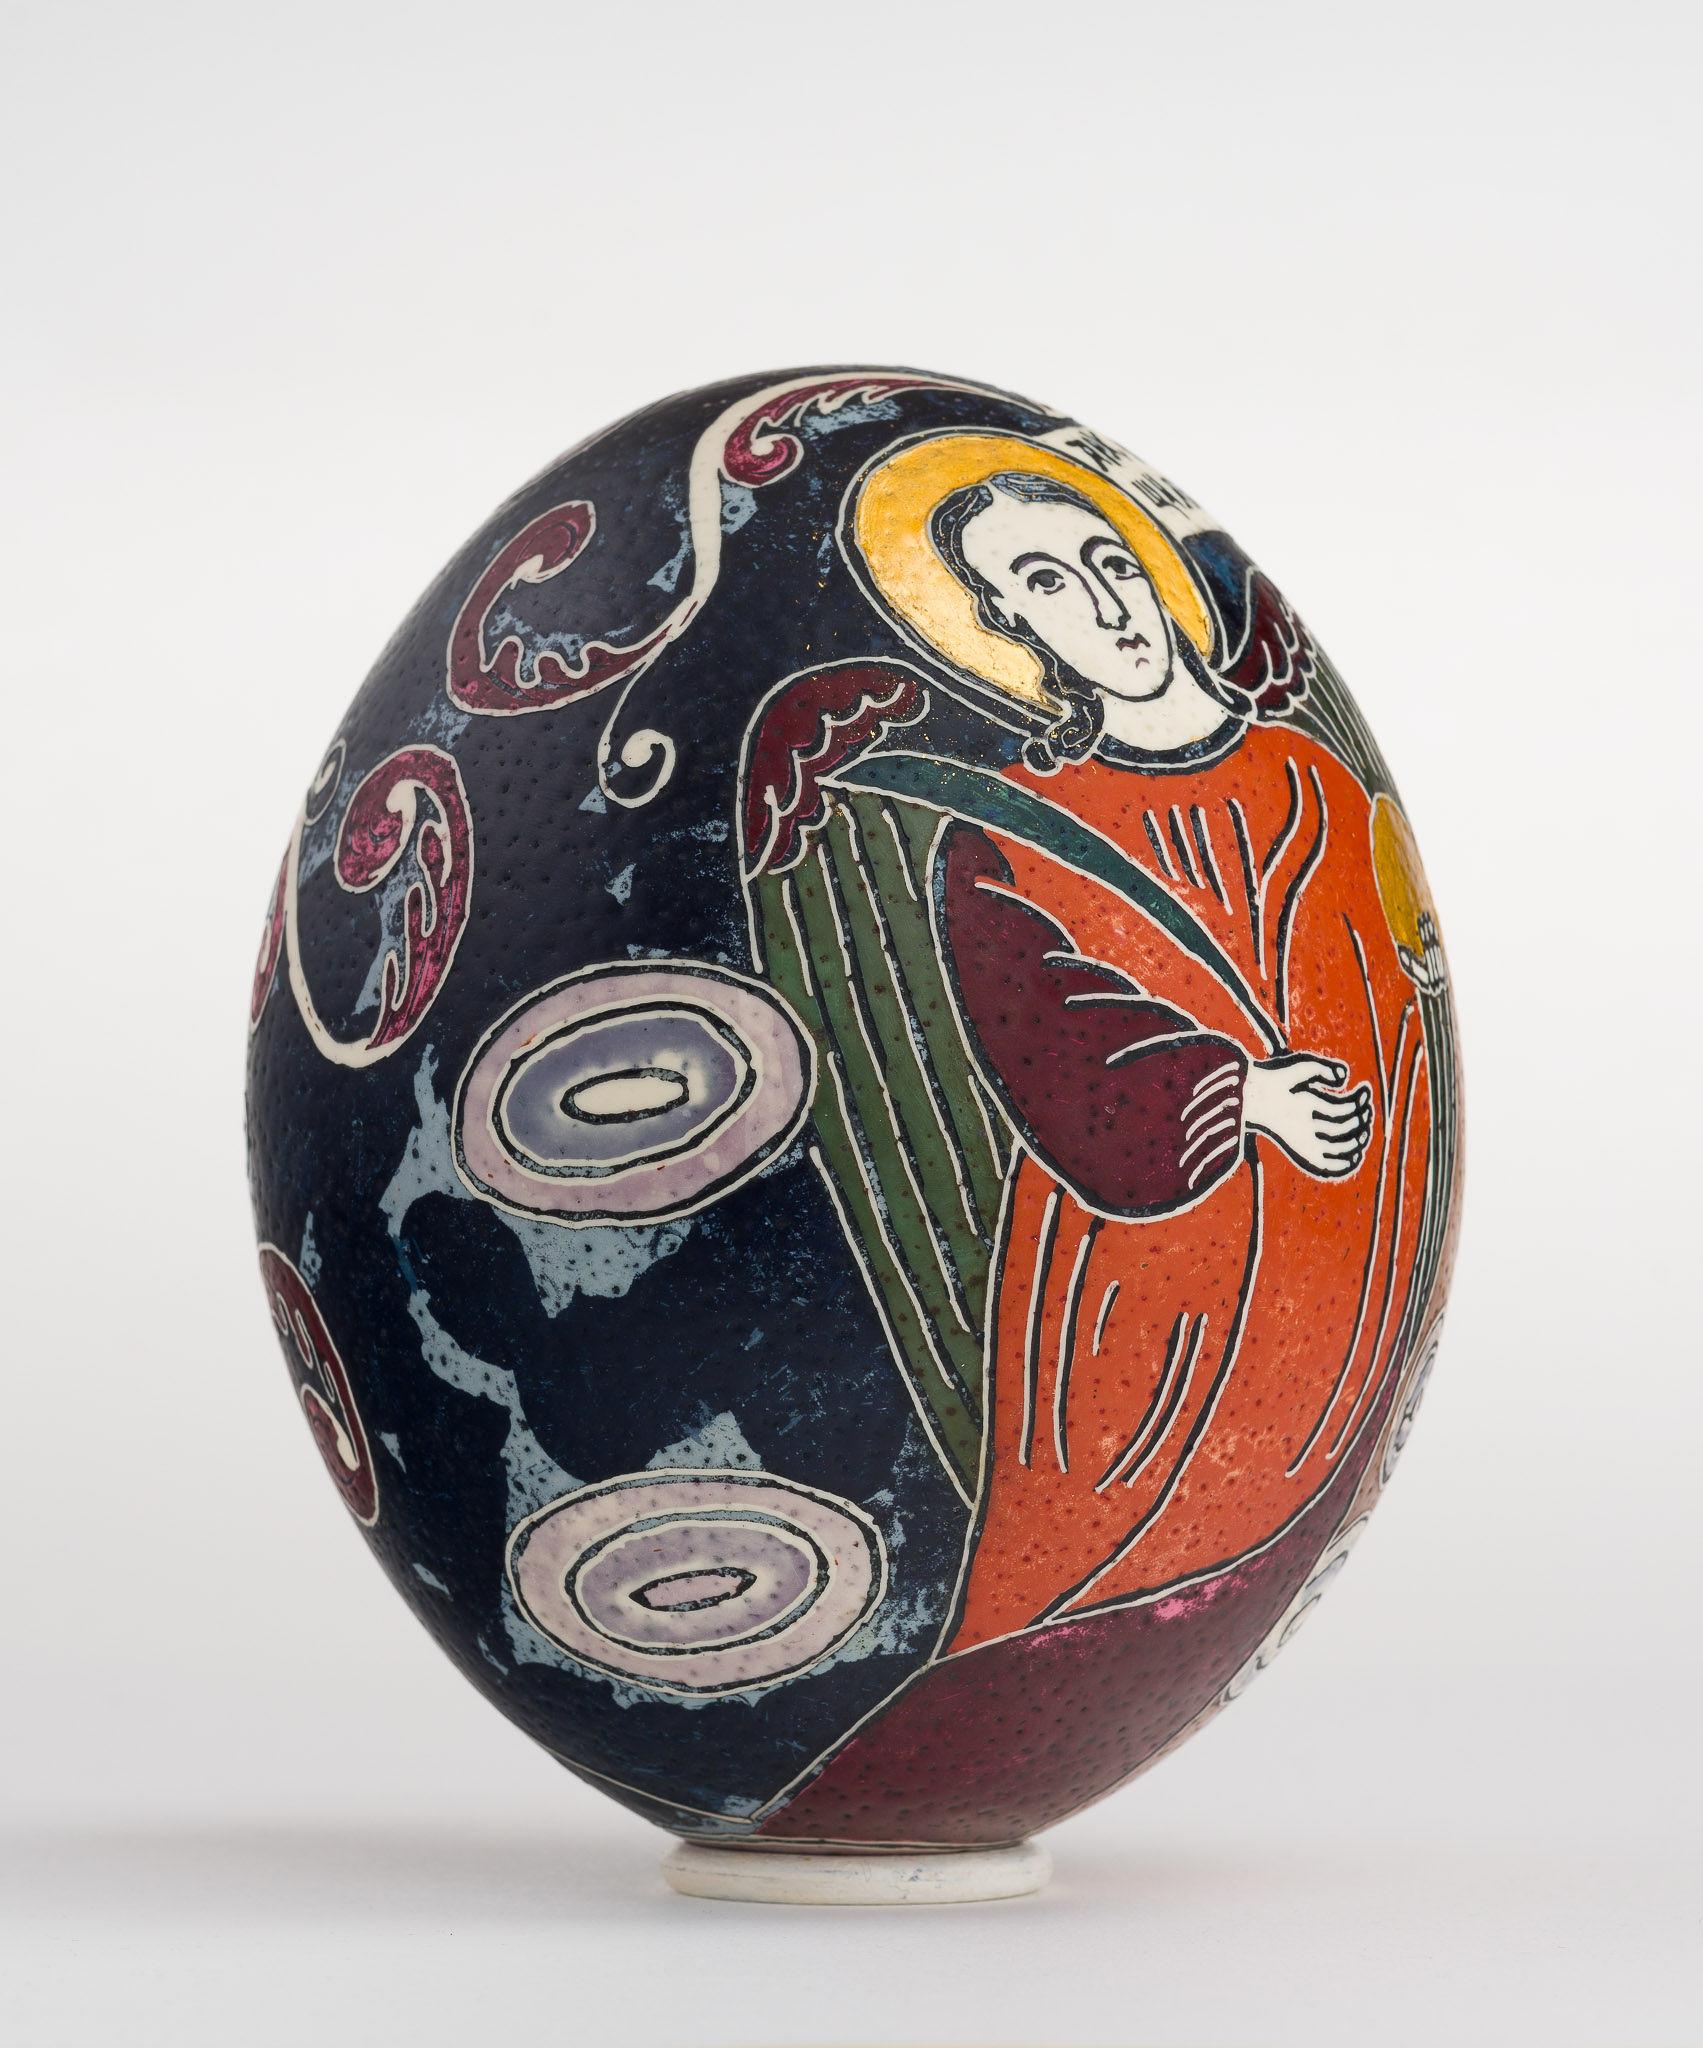 Icoană încondeiată pe ou de struț - Sfinții Arhangheli Mihail și Gavriil - maryando-125c.jpg